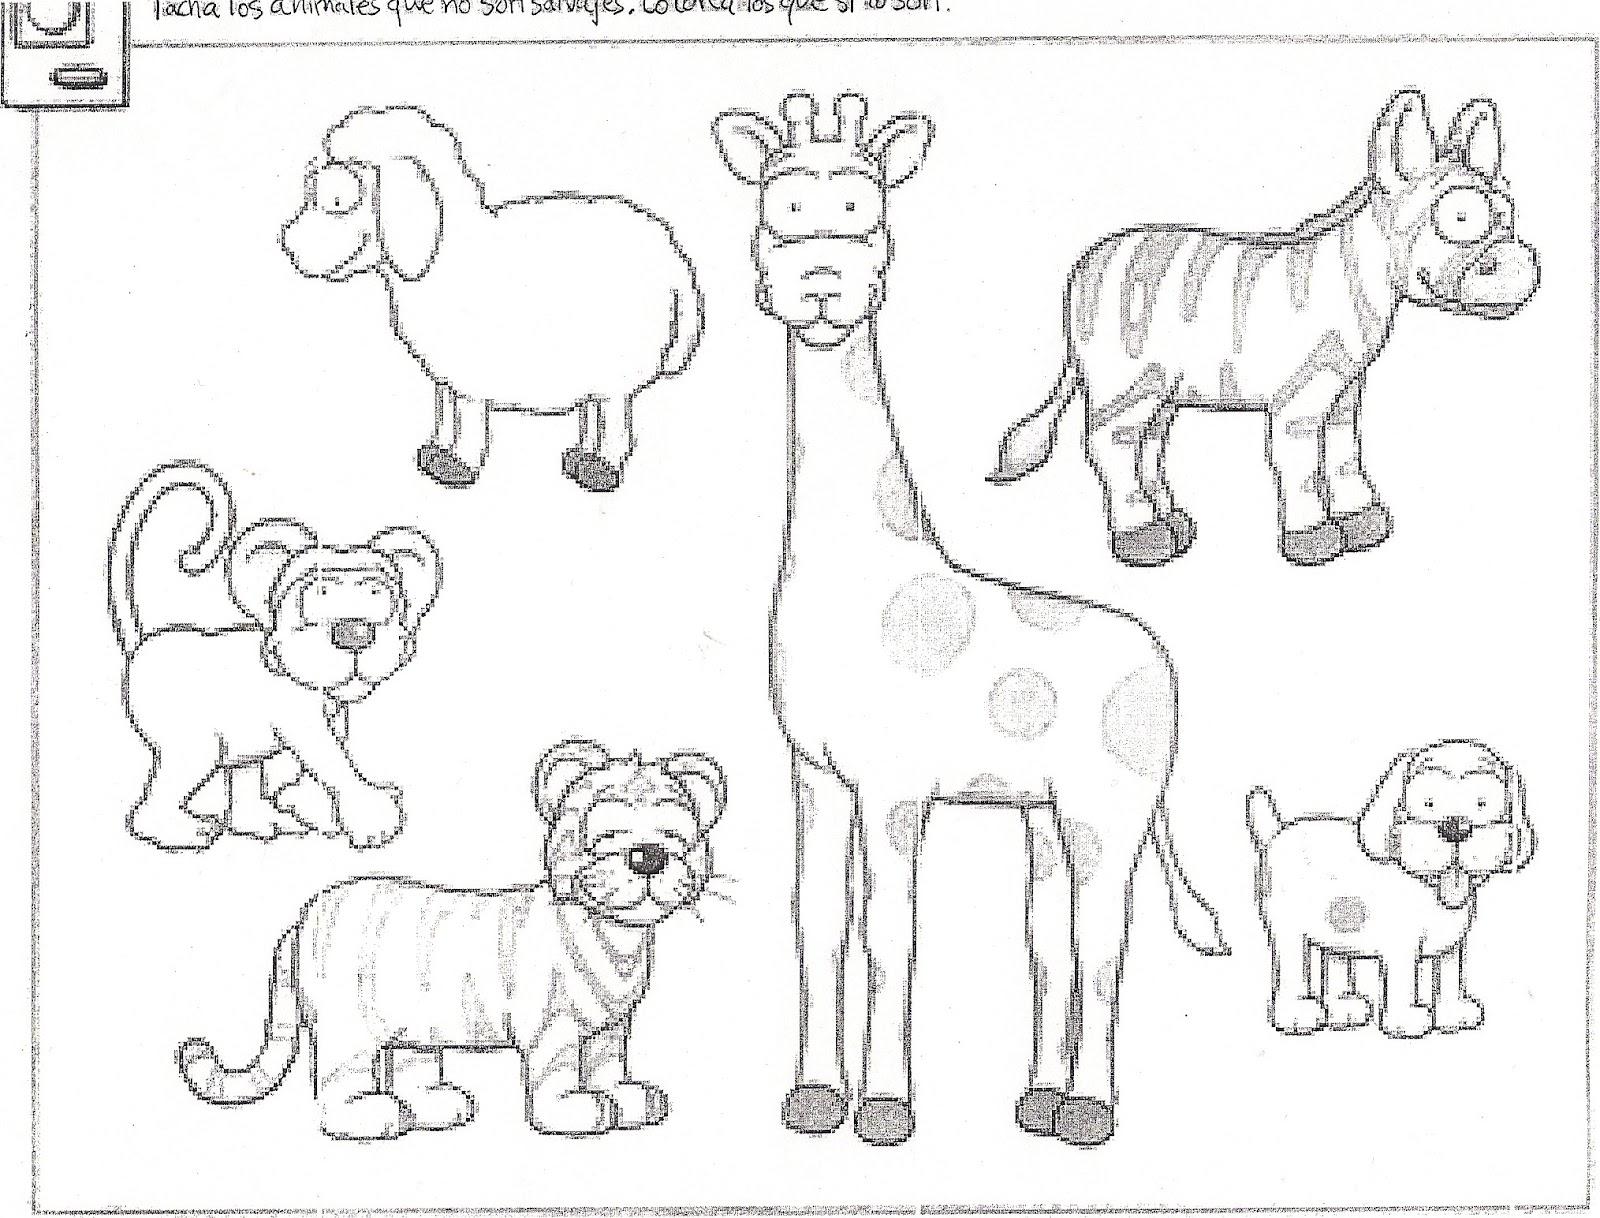 LOS ANIMALES DE LA GRANJA: 2012